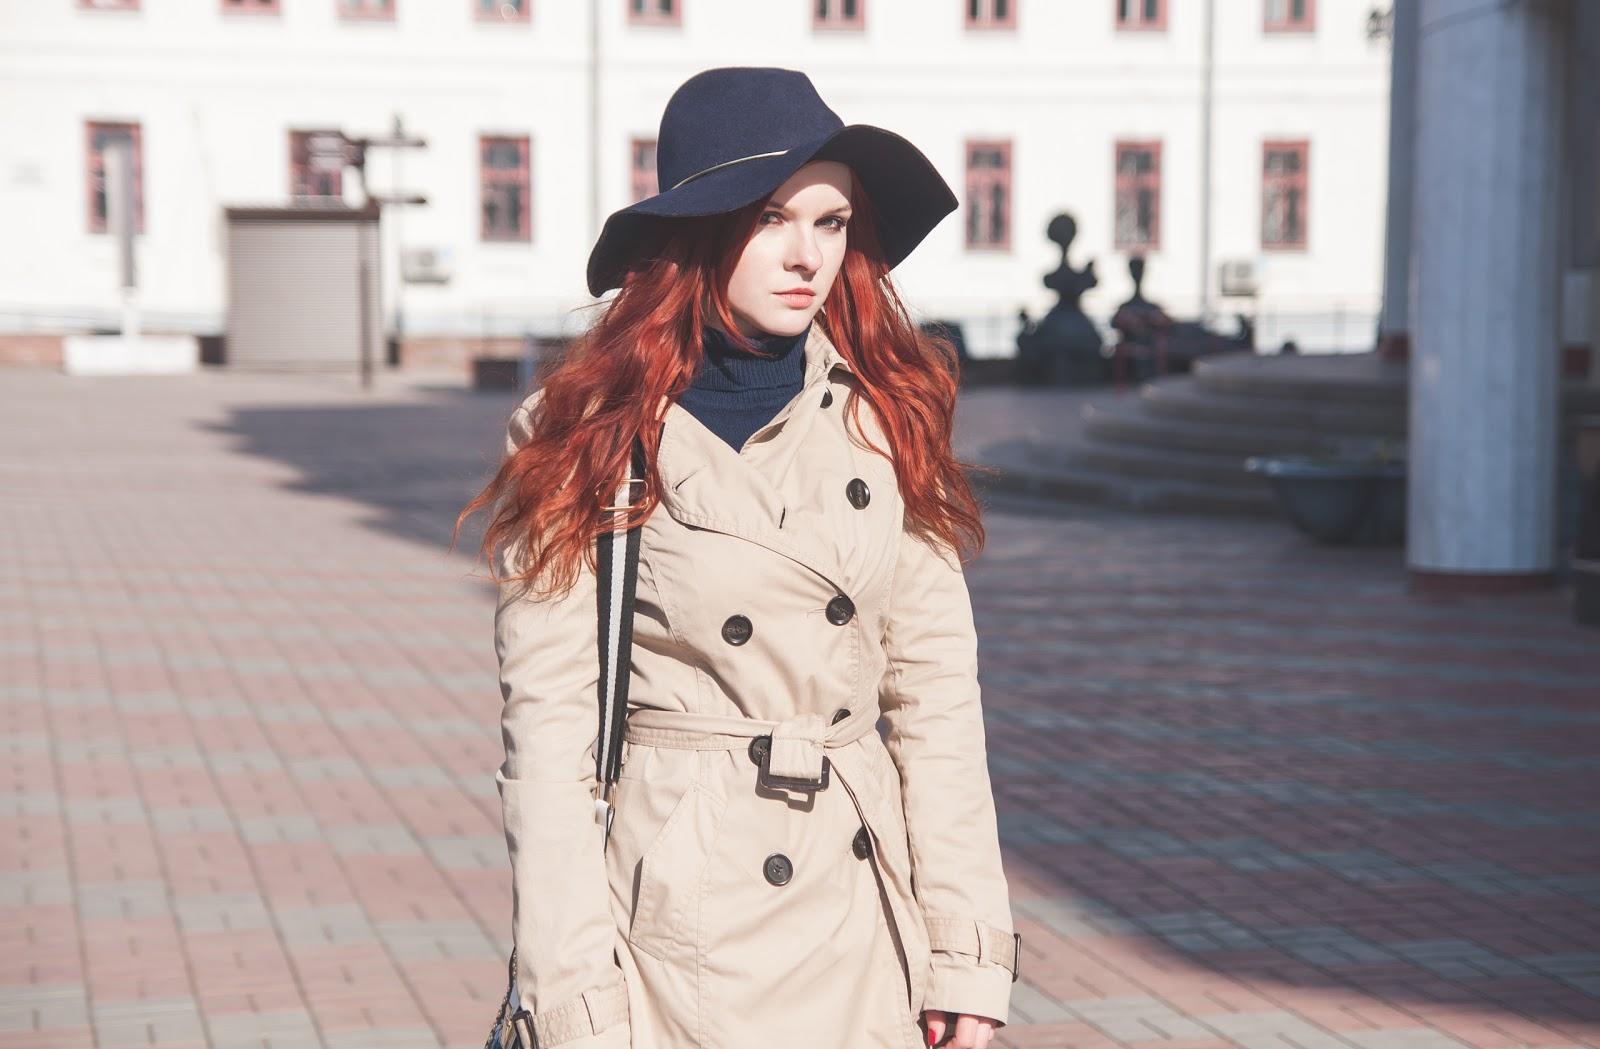 http://www.recklessdiary.ru/2017/05/bezhevyj-trench-chernye-dzhinsy-klesh-gamiss-otzyvy-sinyaya-shlyapa-s-chem-nosit.html